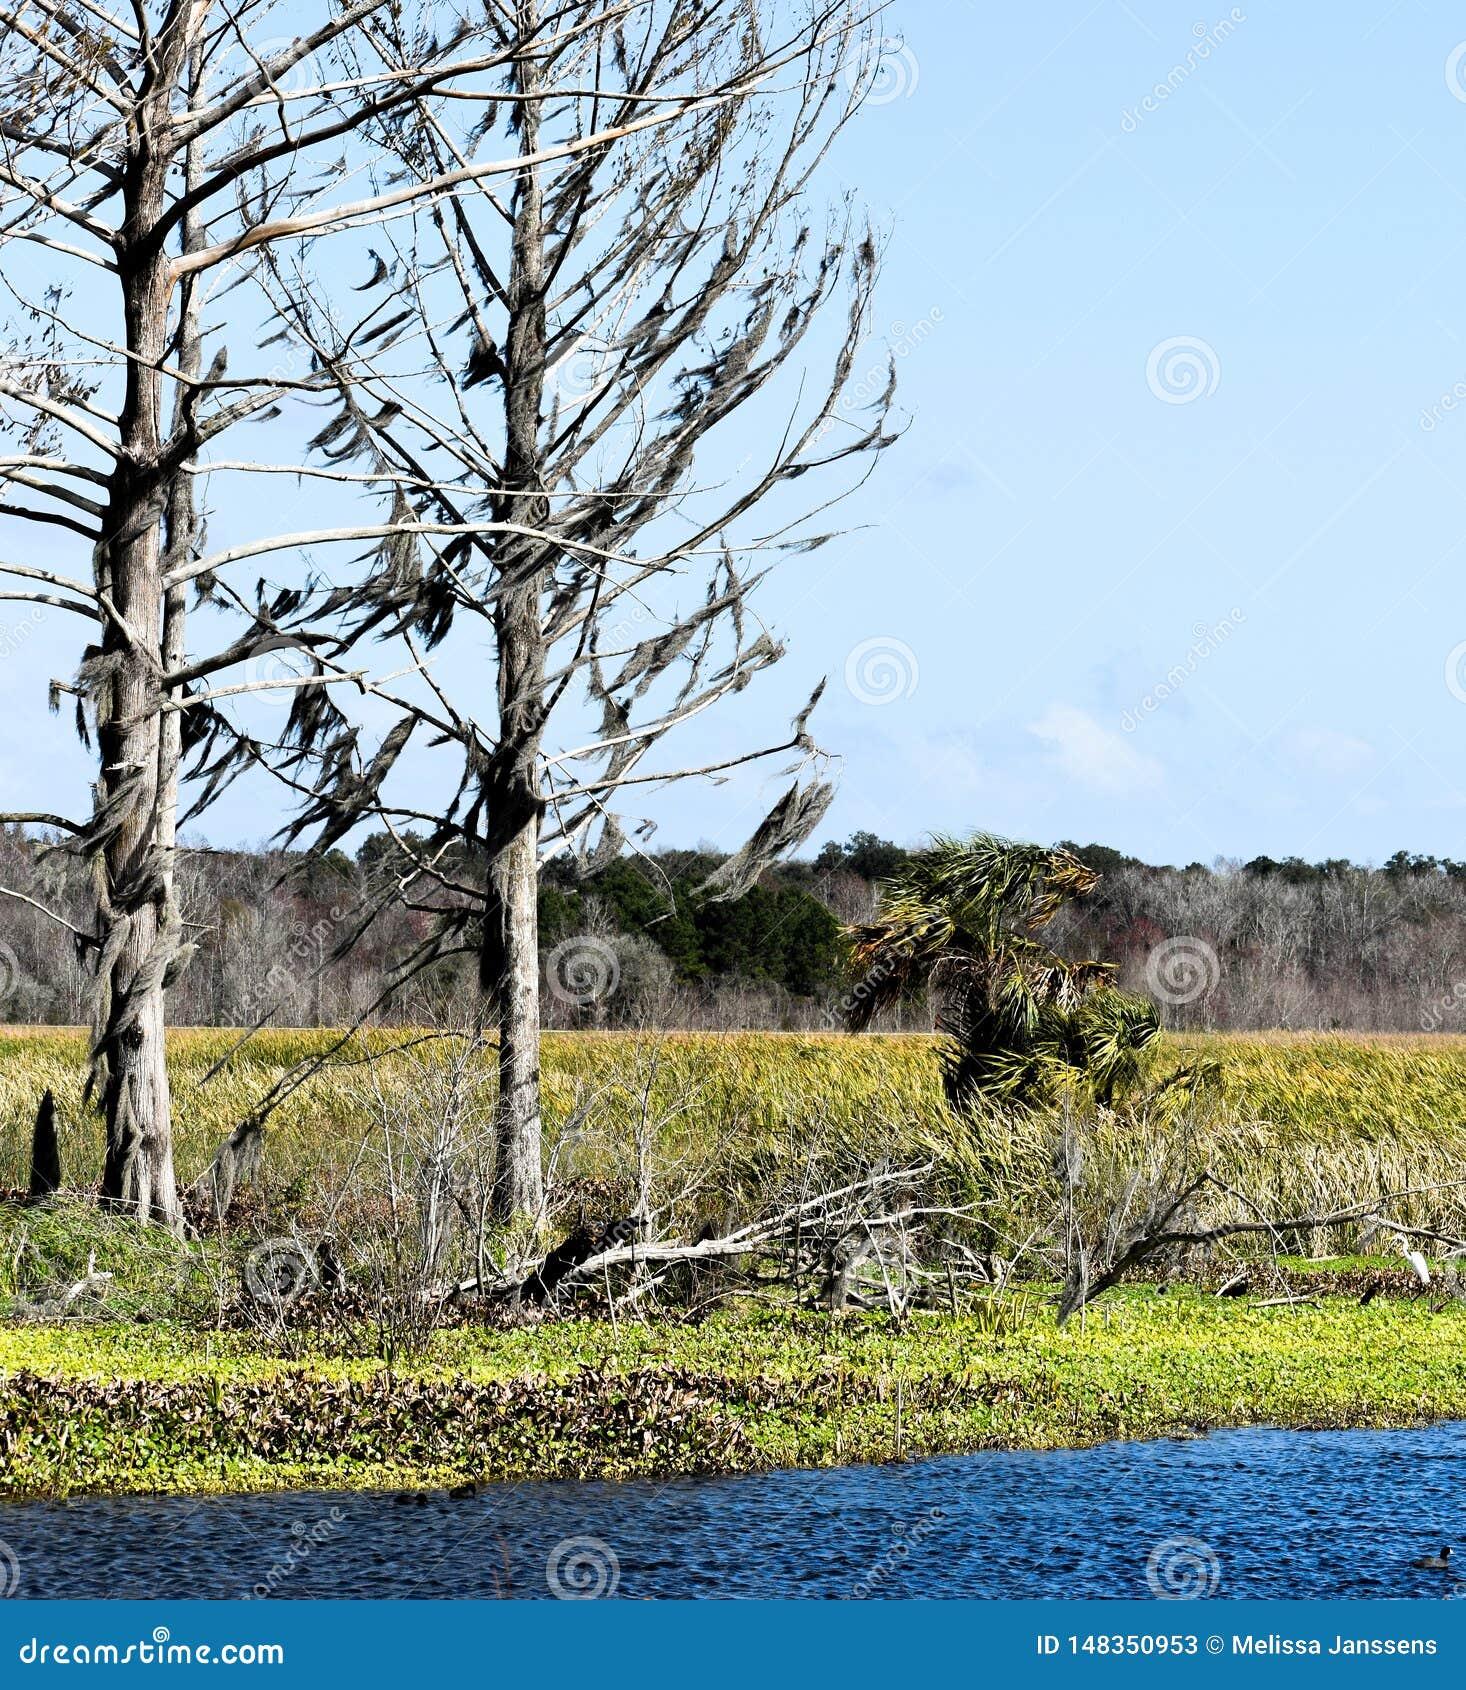 Идилличный и спокойный устанавливать книги рассказа старых деревьев обозревая озеро и природный заповедник во Флориде